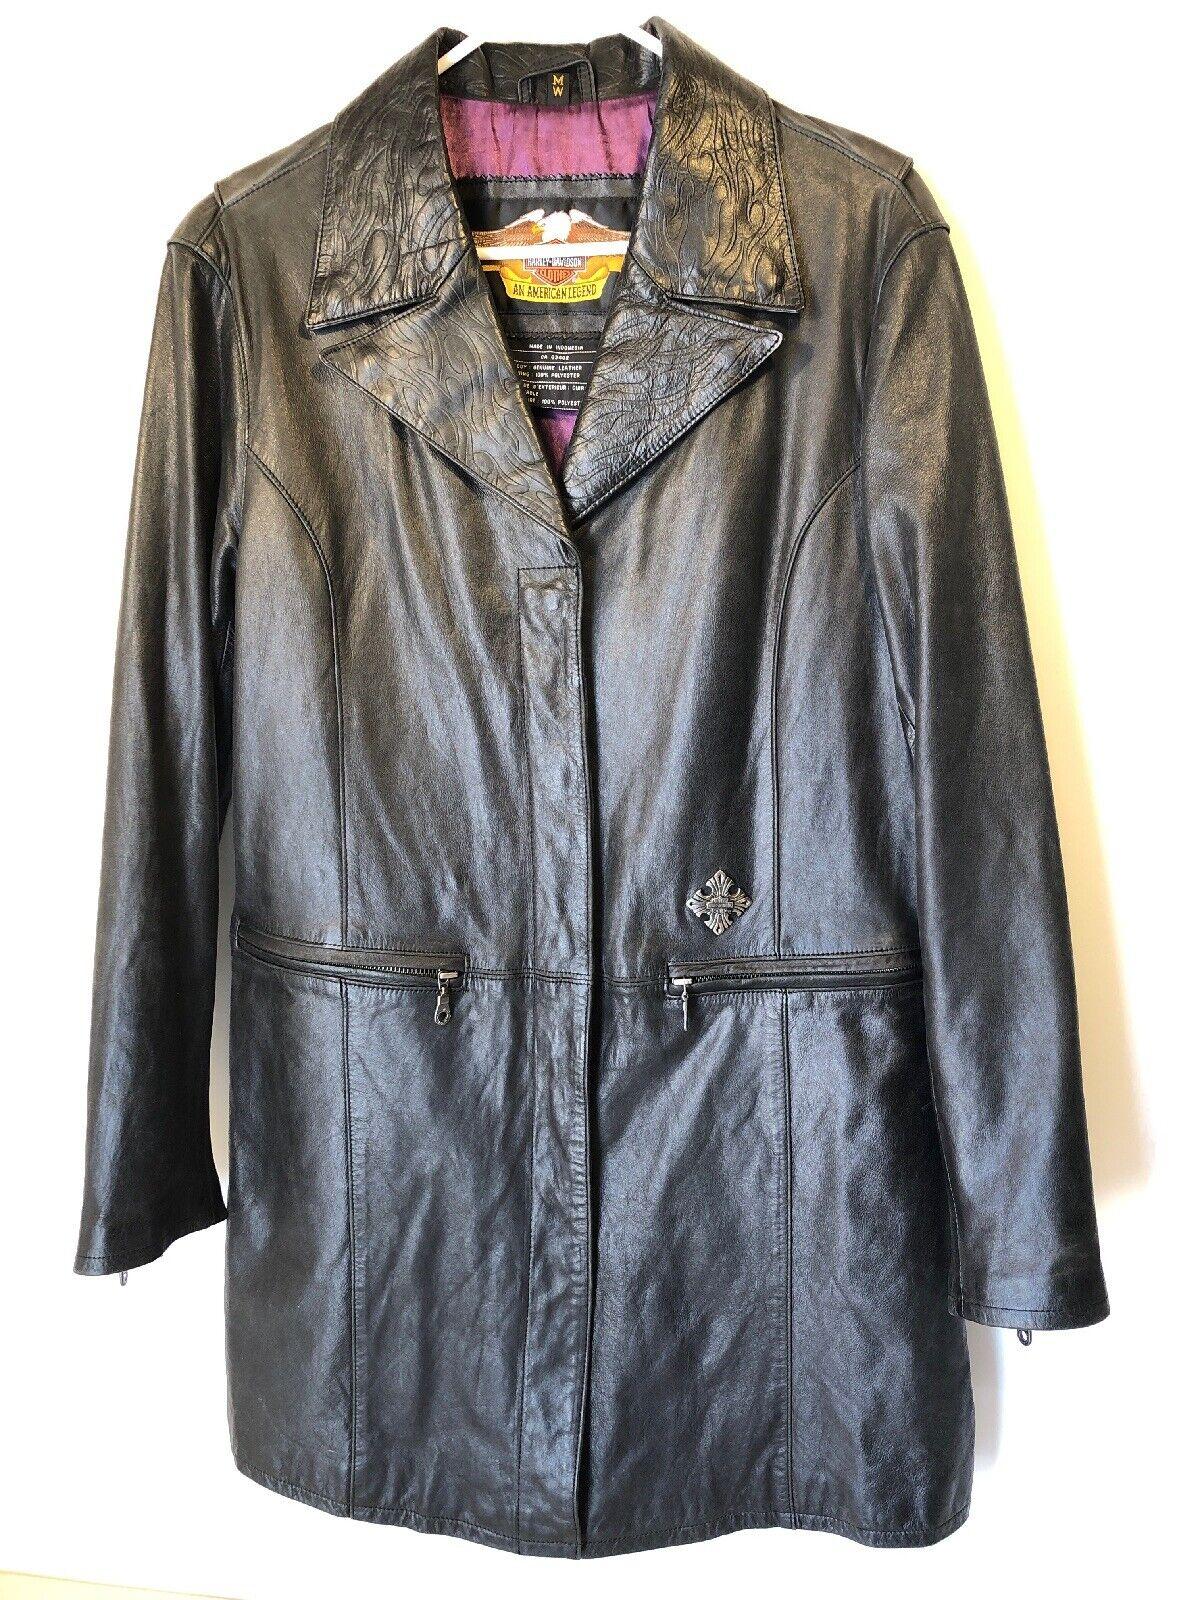 Harley Davidson chaqueta de cuero con  cuello de llama tamaño para mujer Talla Mediano Negro  sin mínimo